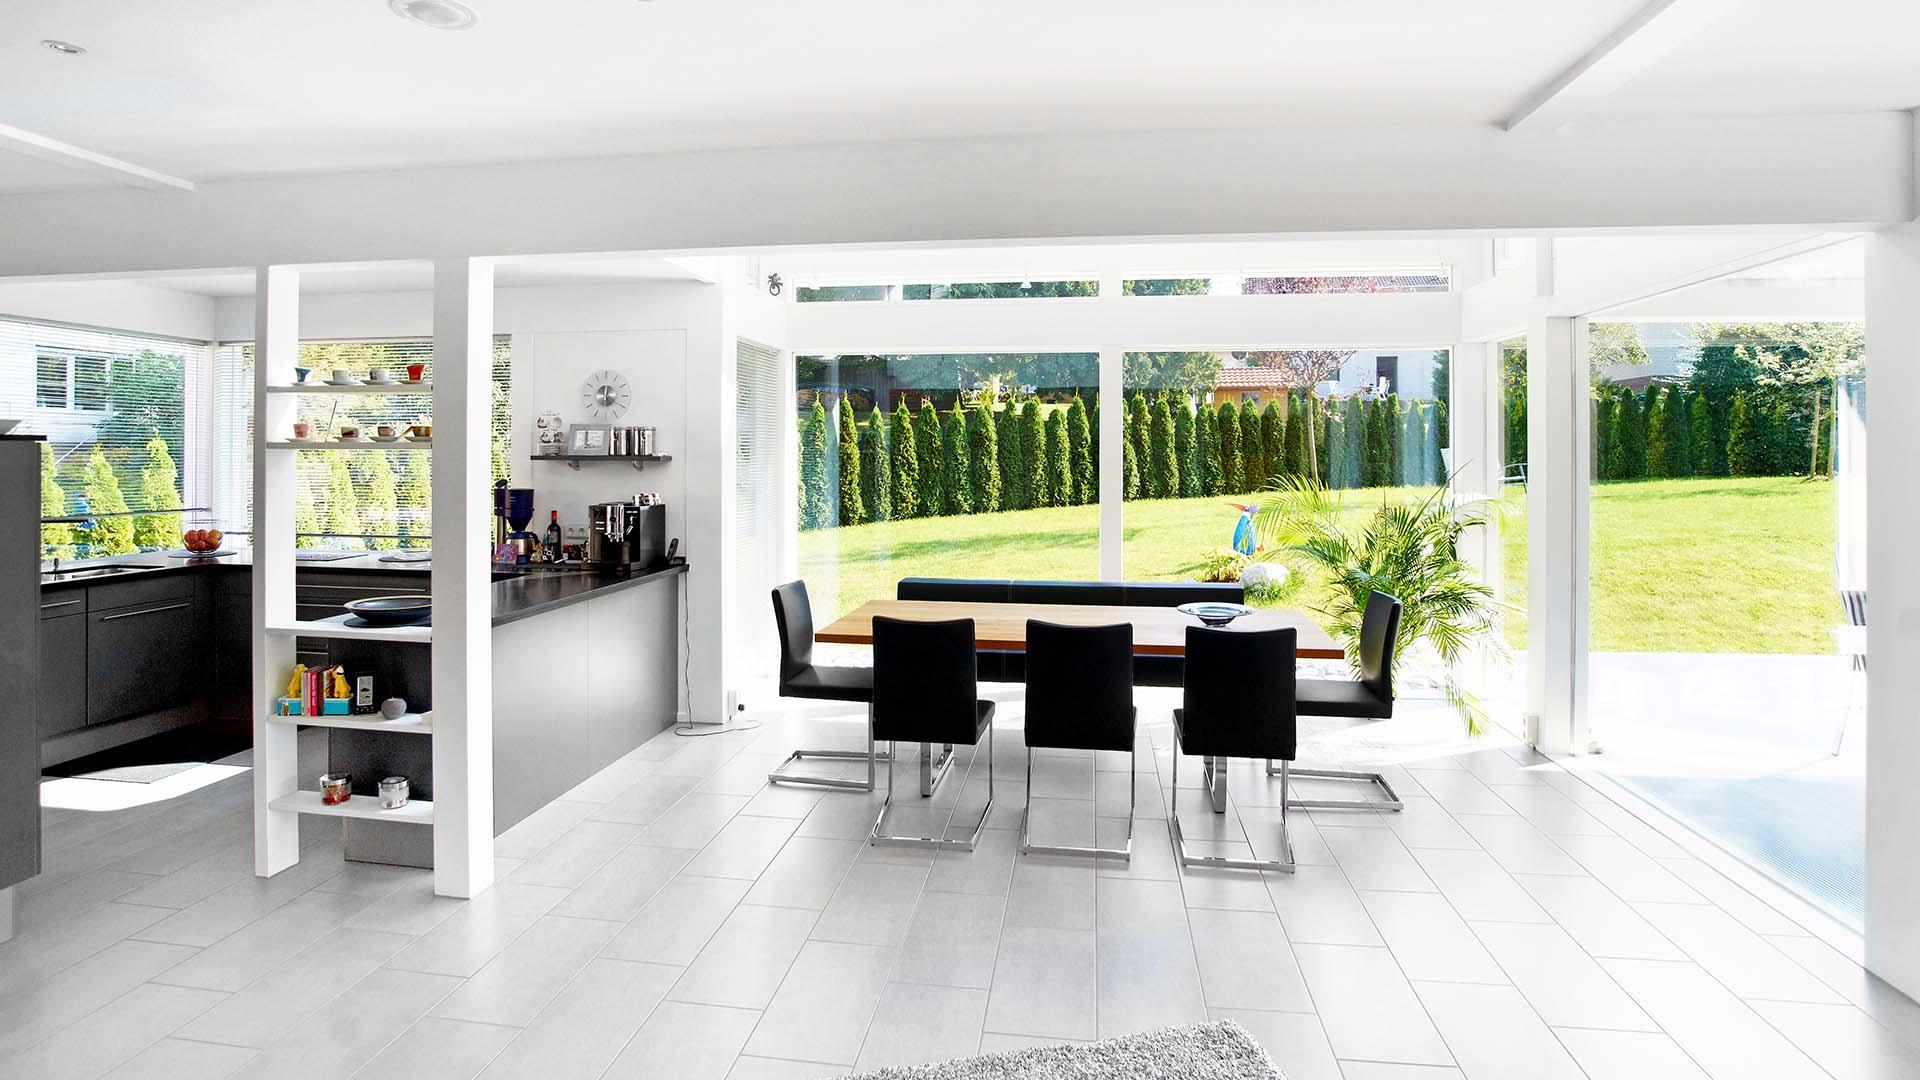 Detmolder Fachwerkhaus – Fenster und Verglasung 01